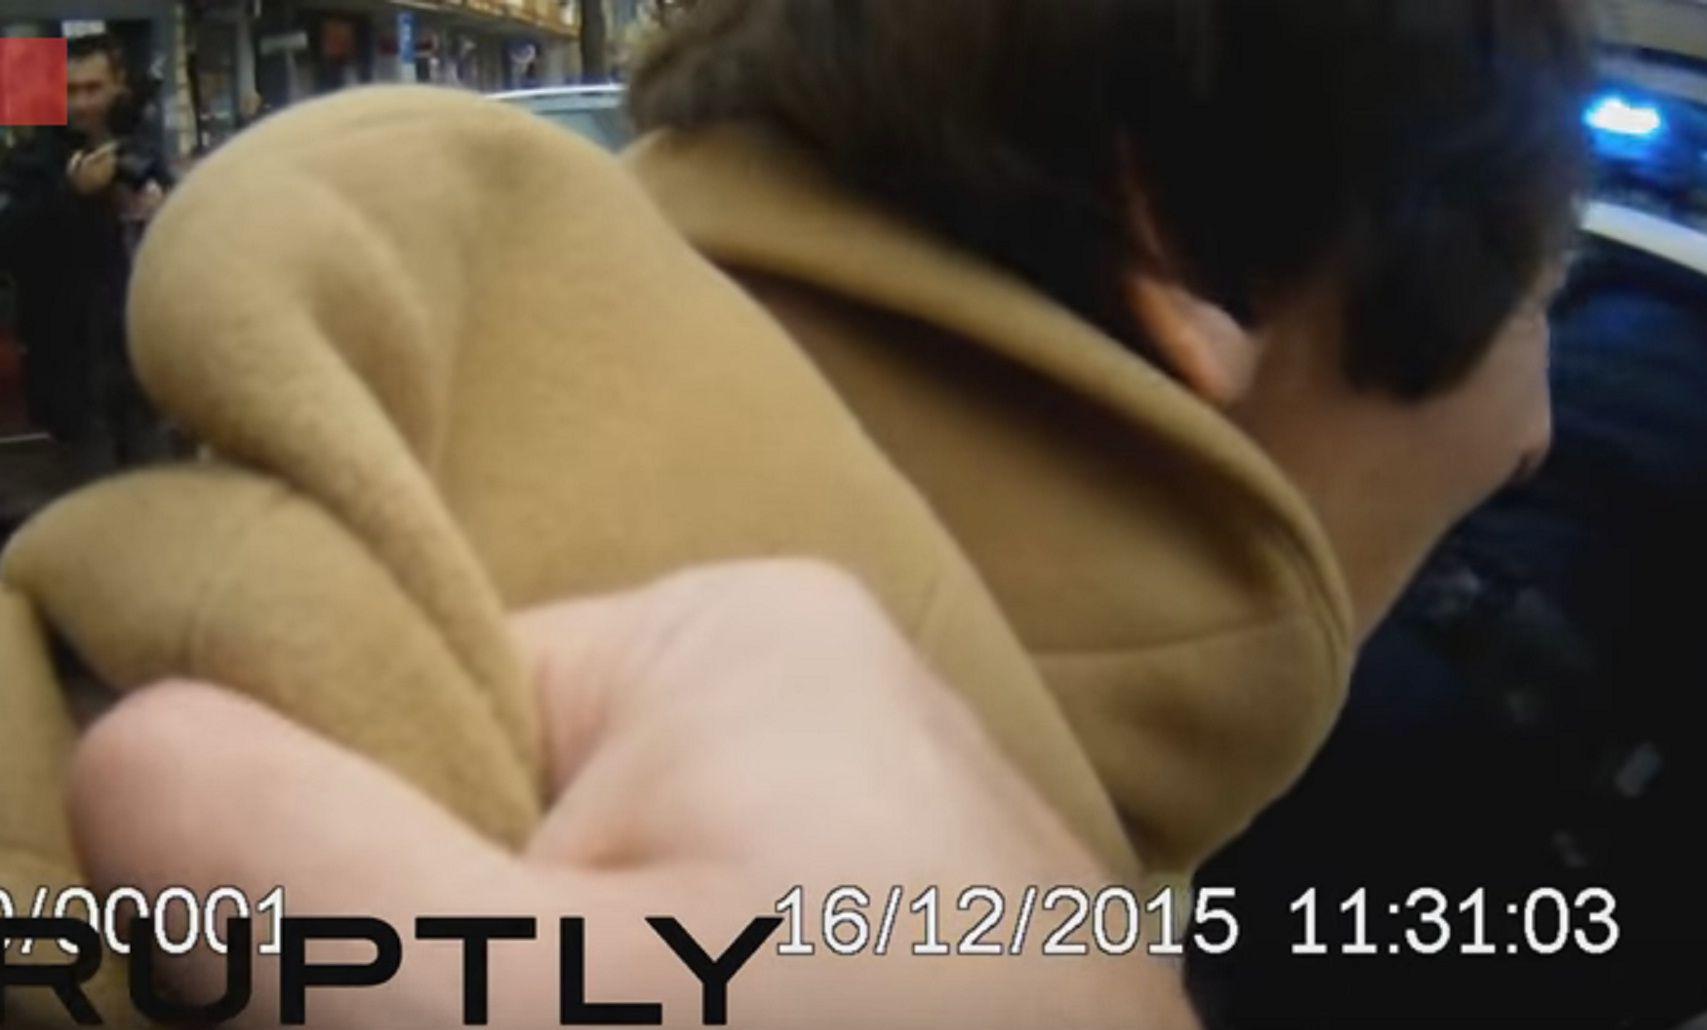 Una anciana es brutalmente detenida por la policía tras cruzar un semáforo en rojo